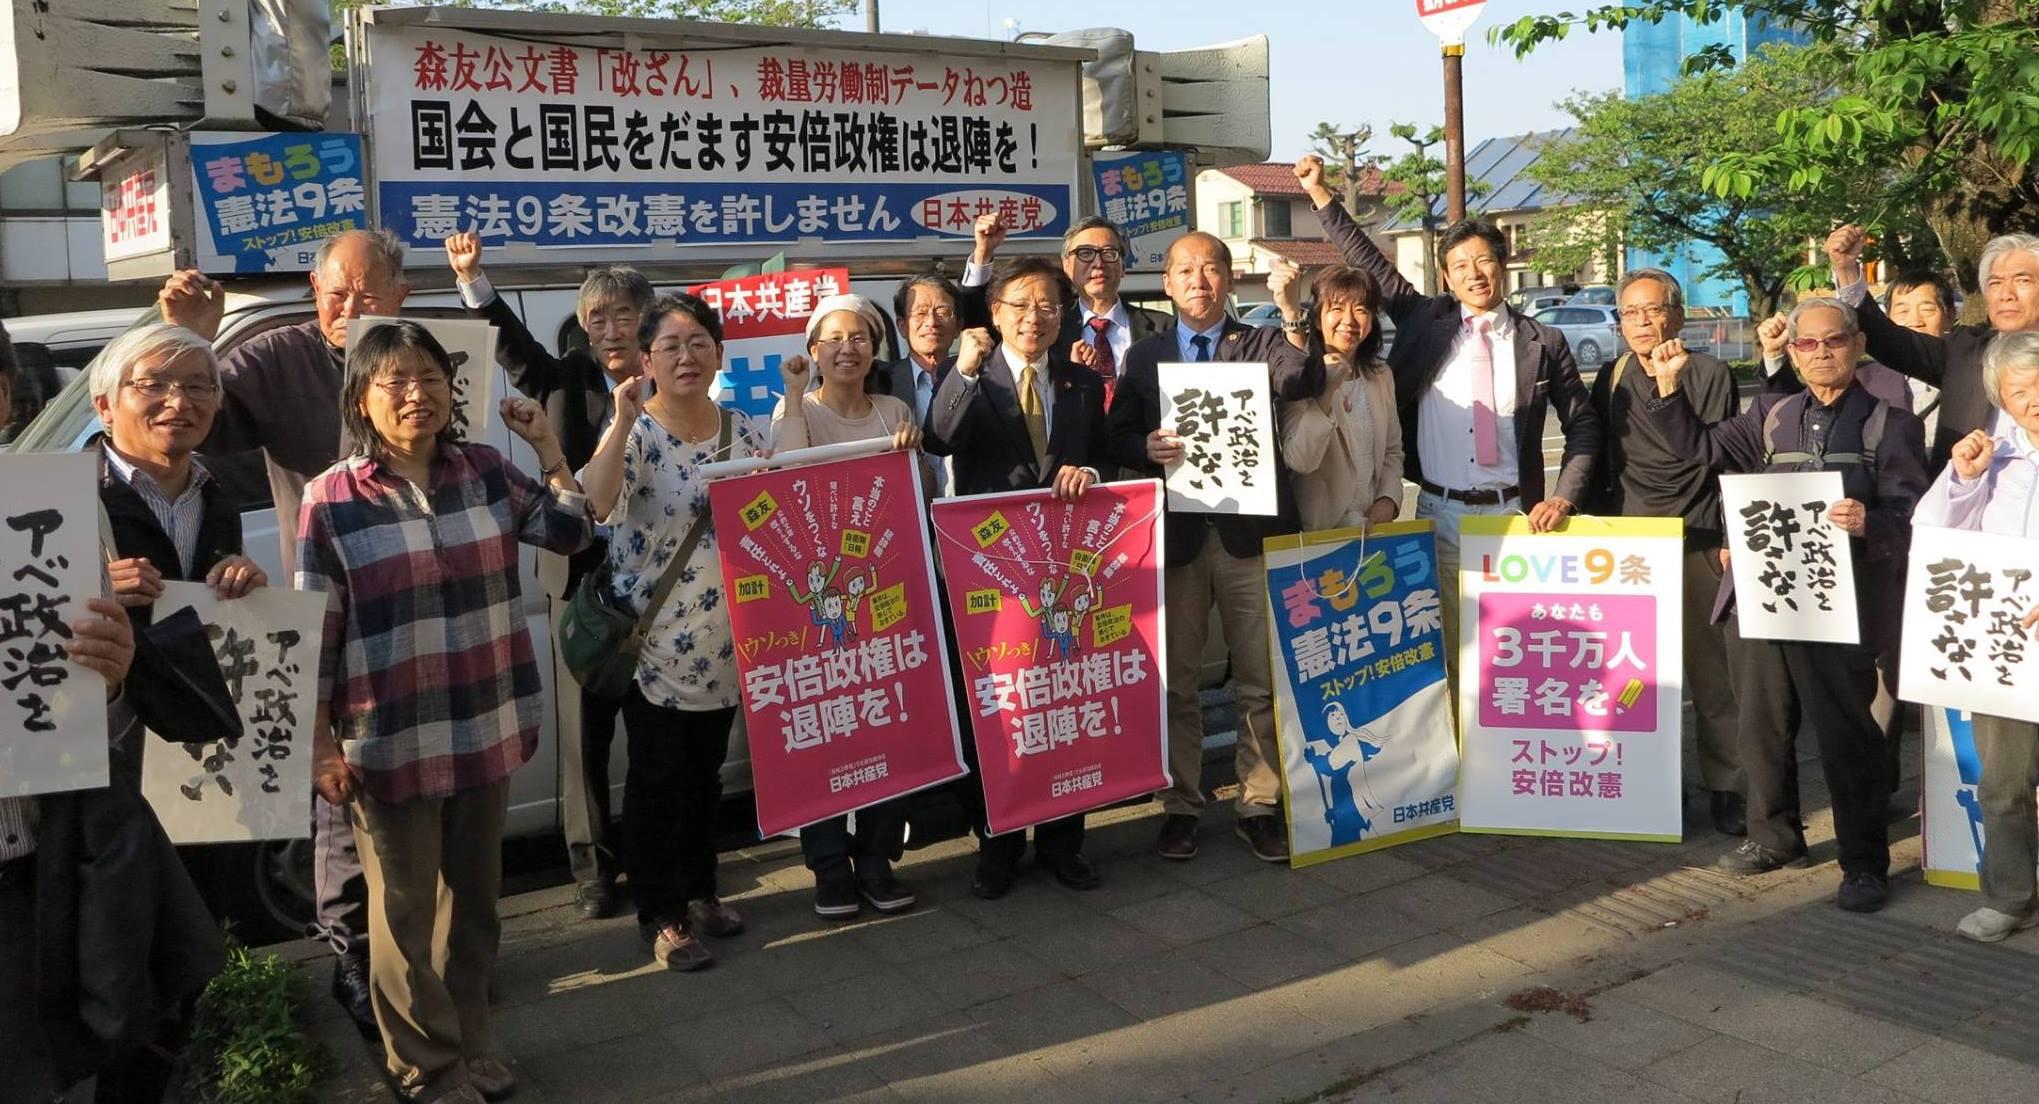 http://www.inoue-satoshi.com/diary/18.%E7%A6%8F%E4%BA%95.jpg